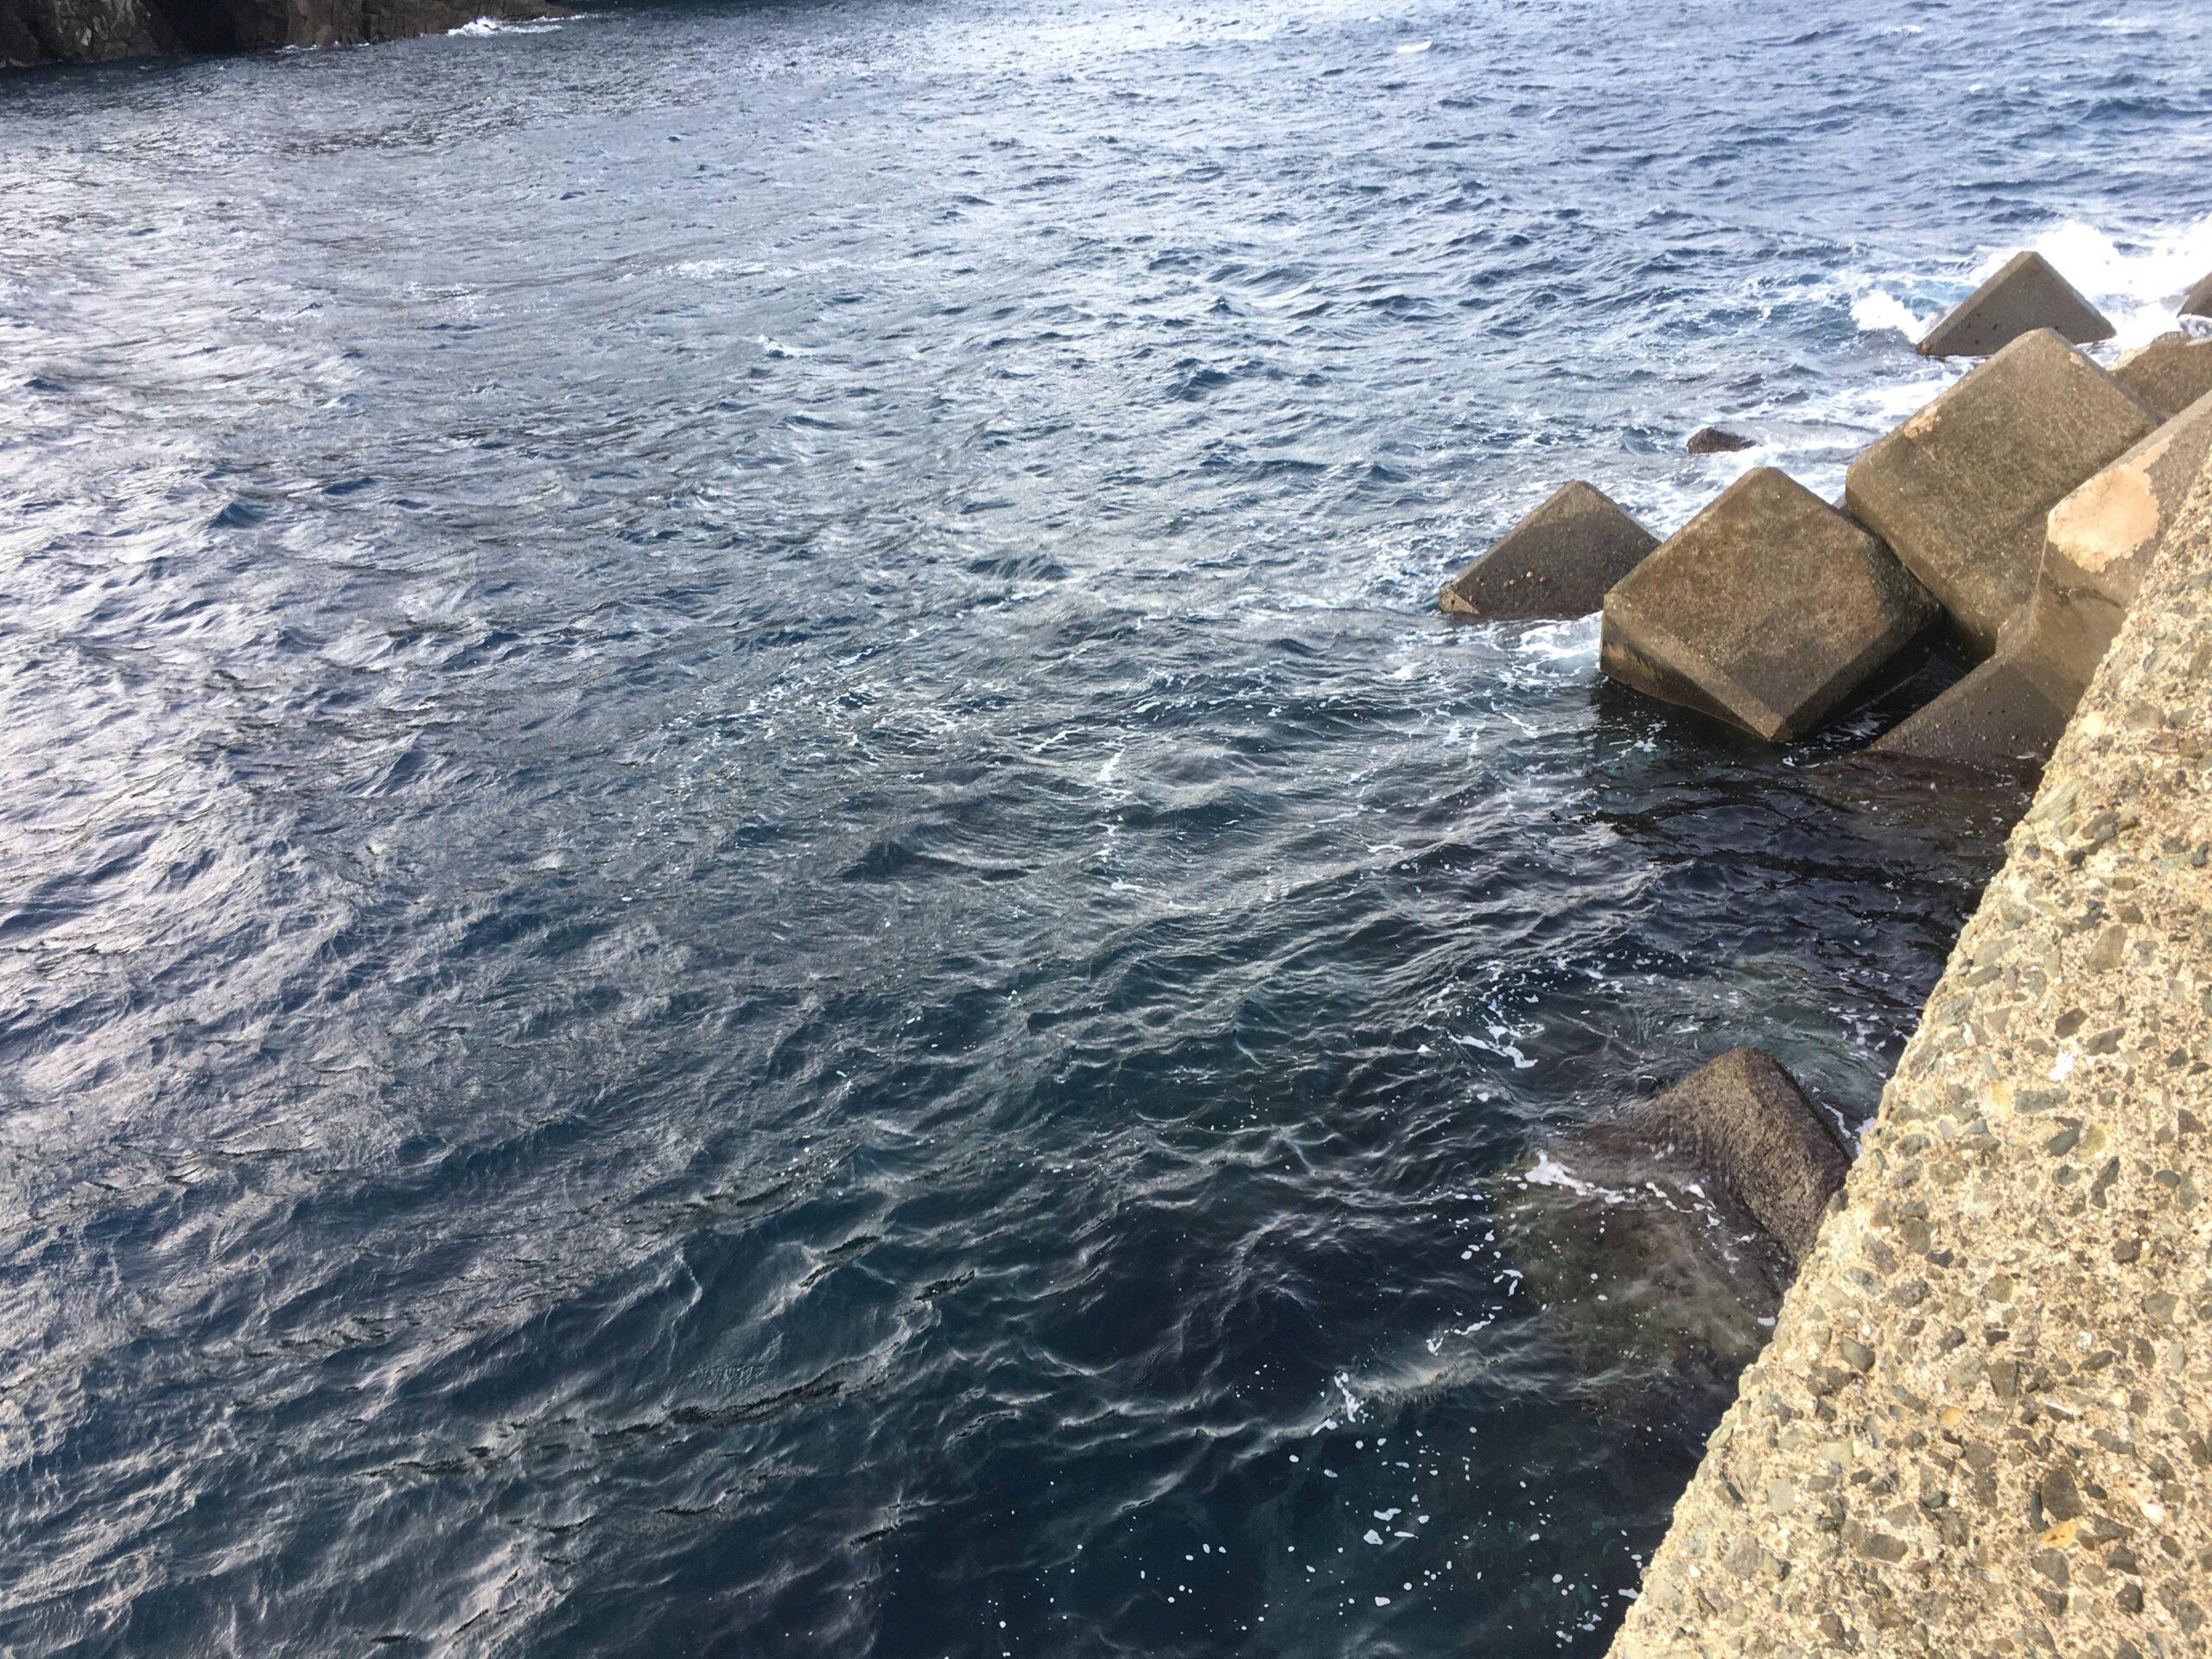 南伊豆・妻良沖堤防で42センチグレ(メジナ)その2 エイジア LCで本流捉える